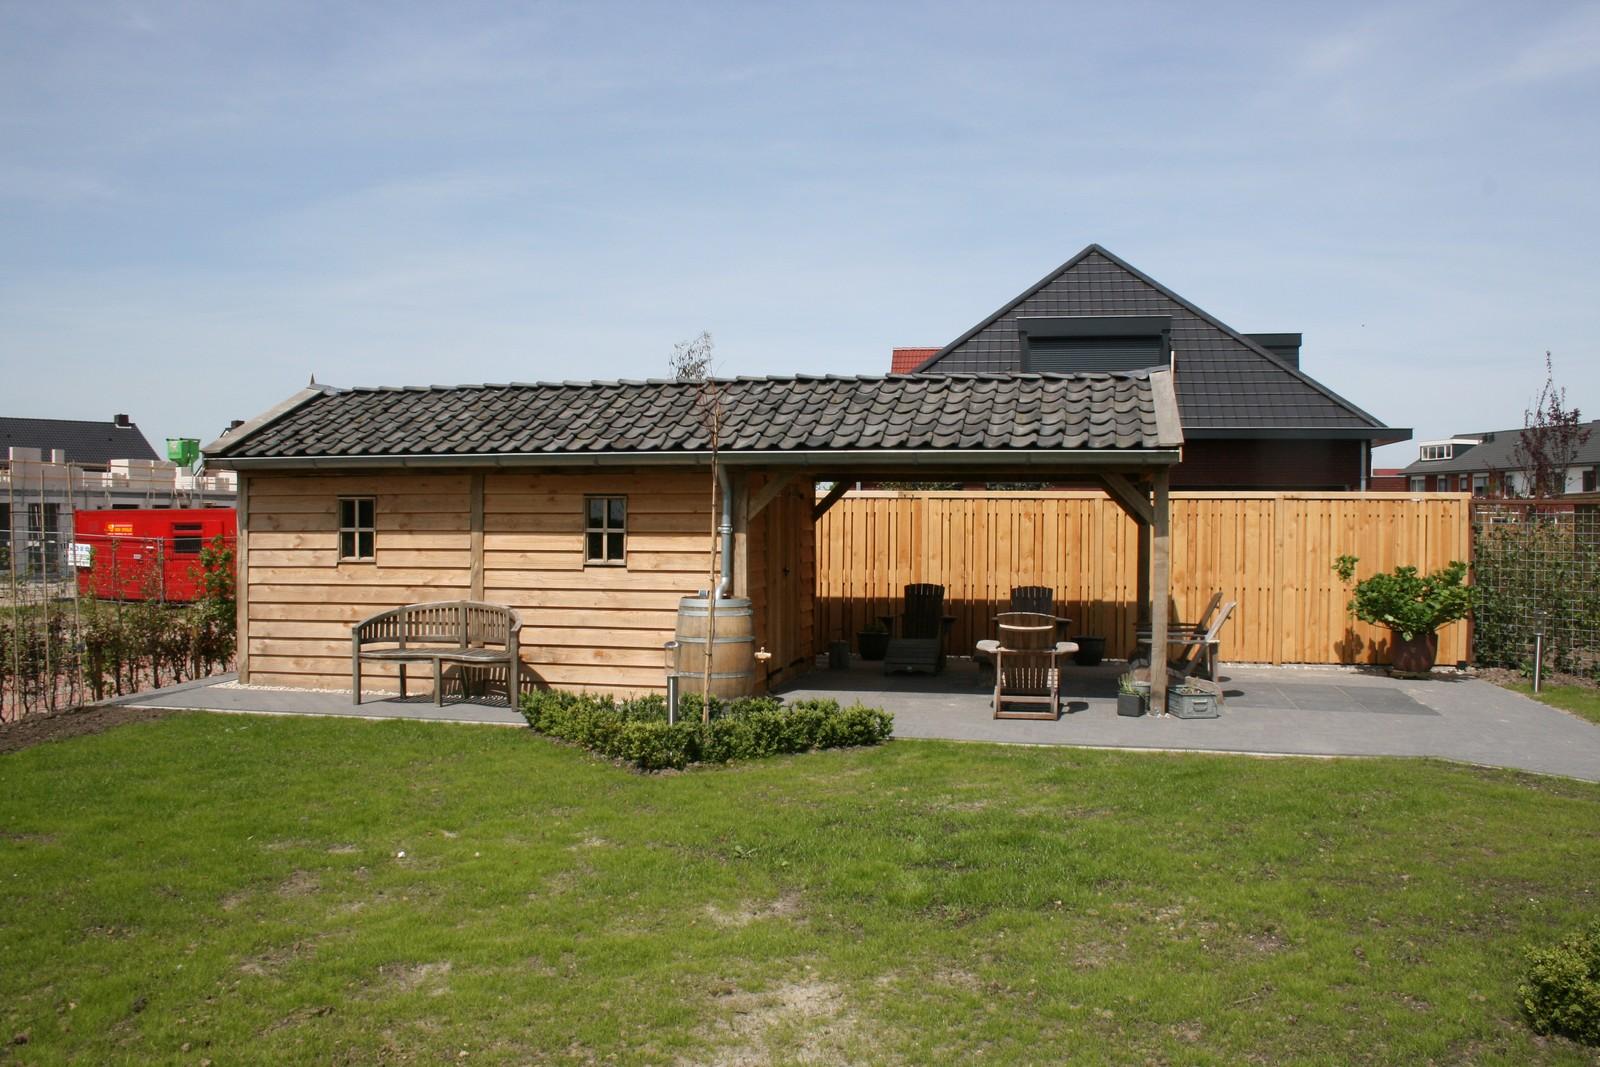 tuinhuizen - Houten garage met grote carport op maat gemaakt.